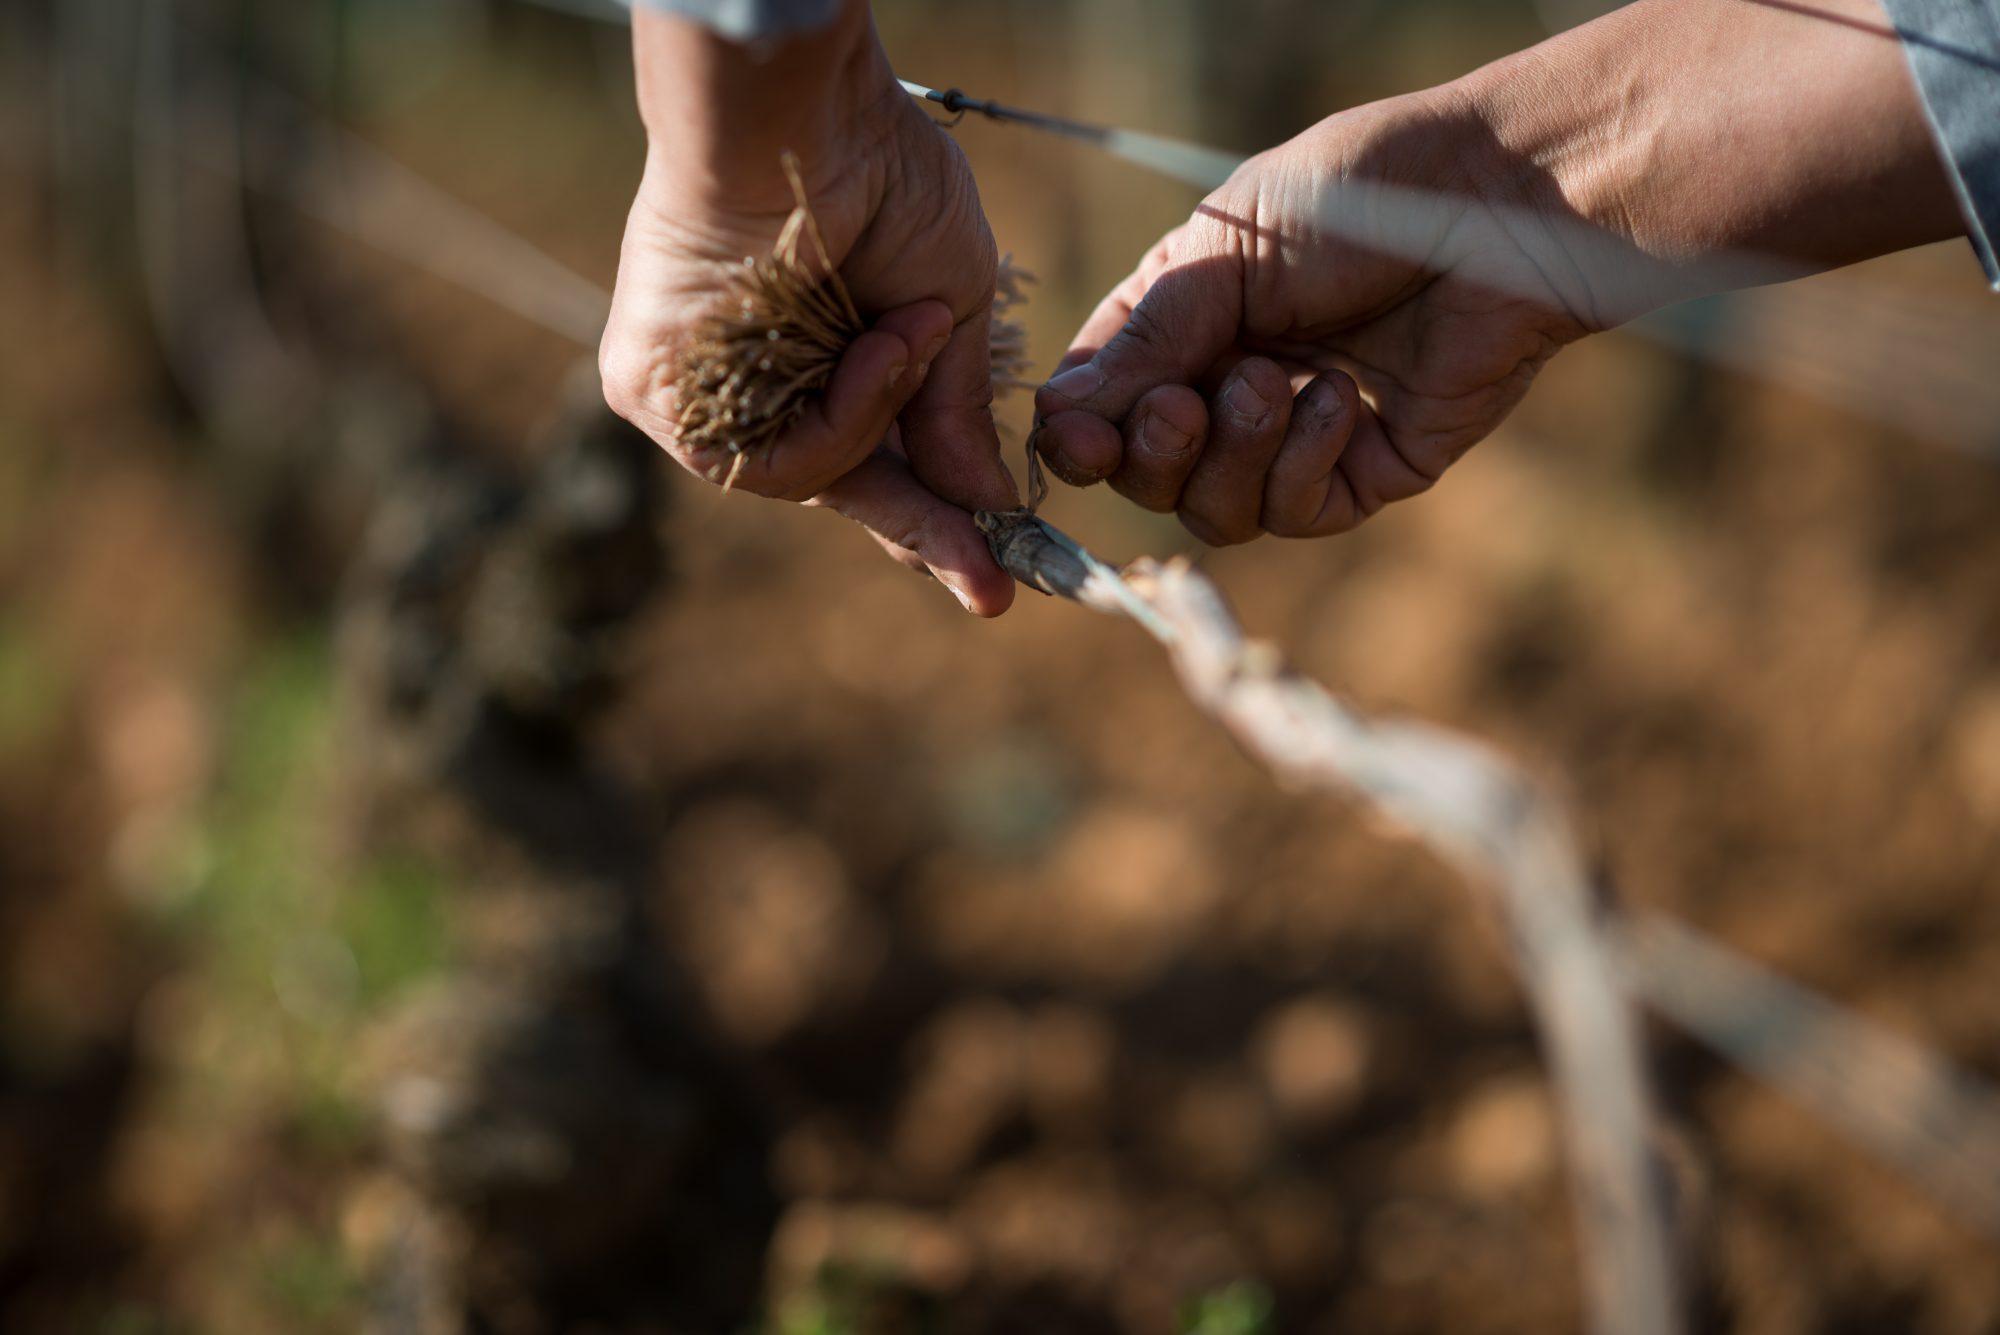 Travaux de la vigne : Attachage.Le vigneron attache le rameau su